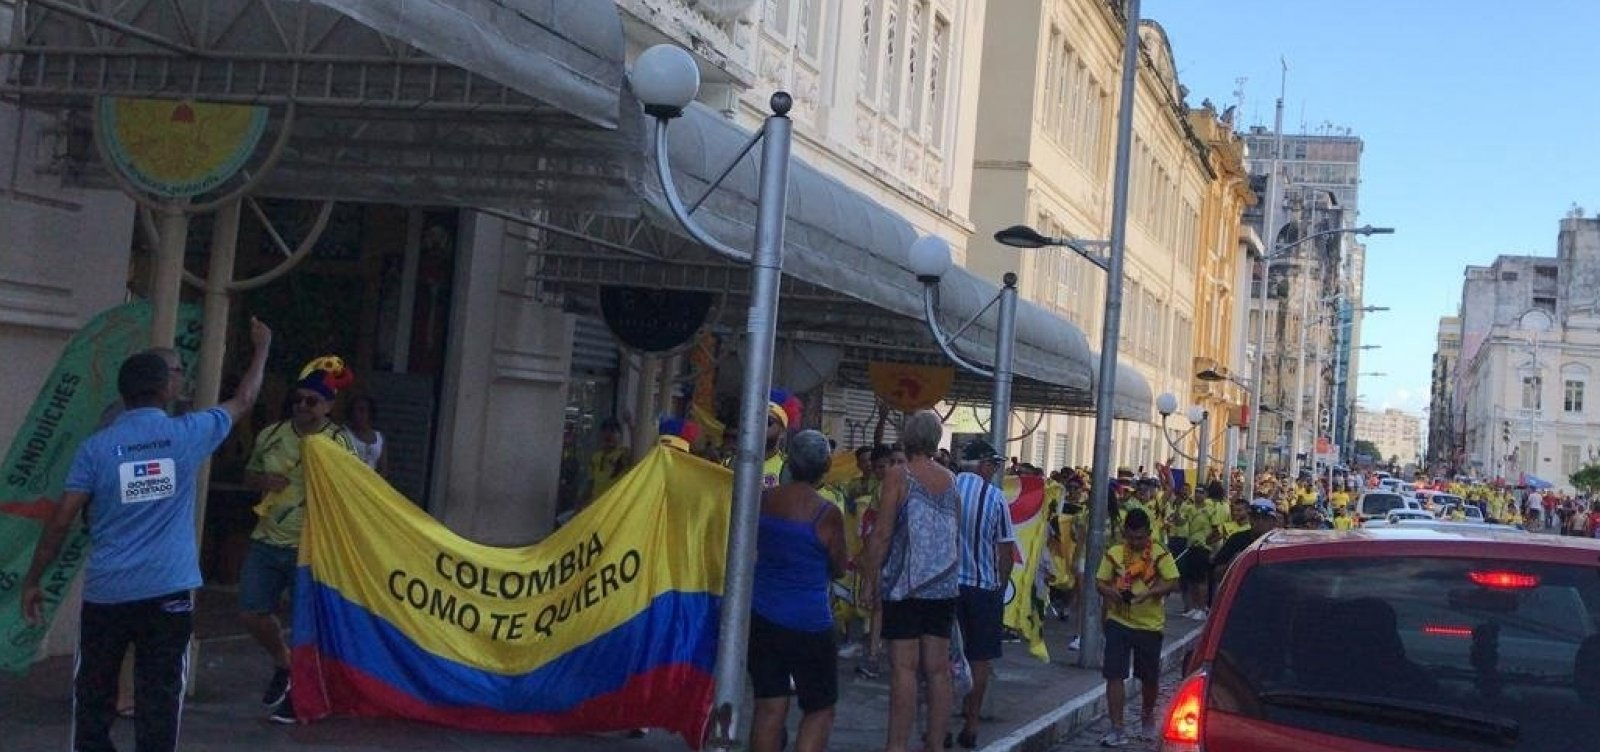 [Torcida da Colômbia anima ruas do Centro Histórico de Salvador]